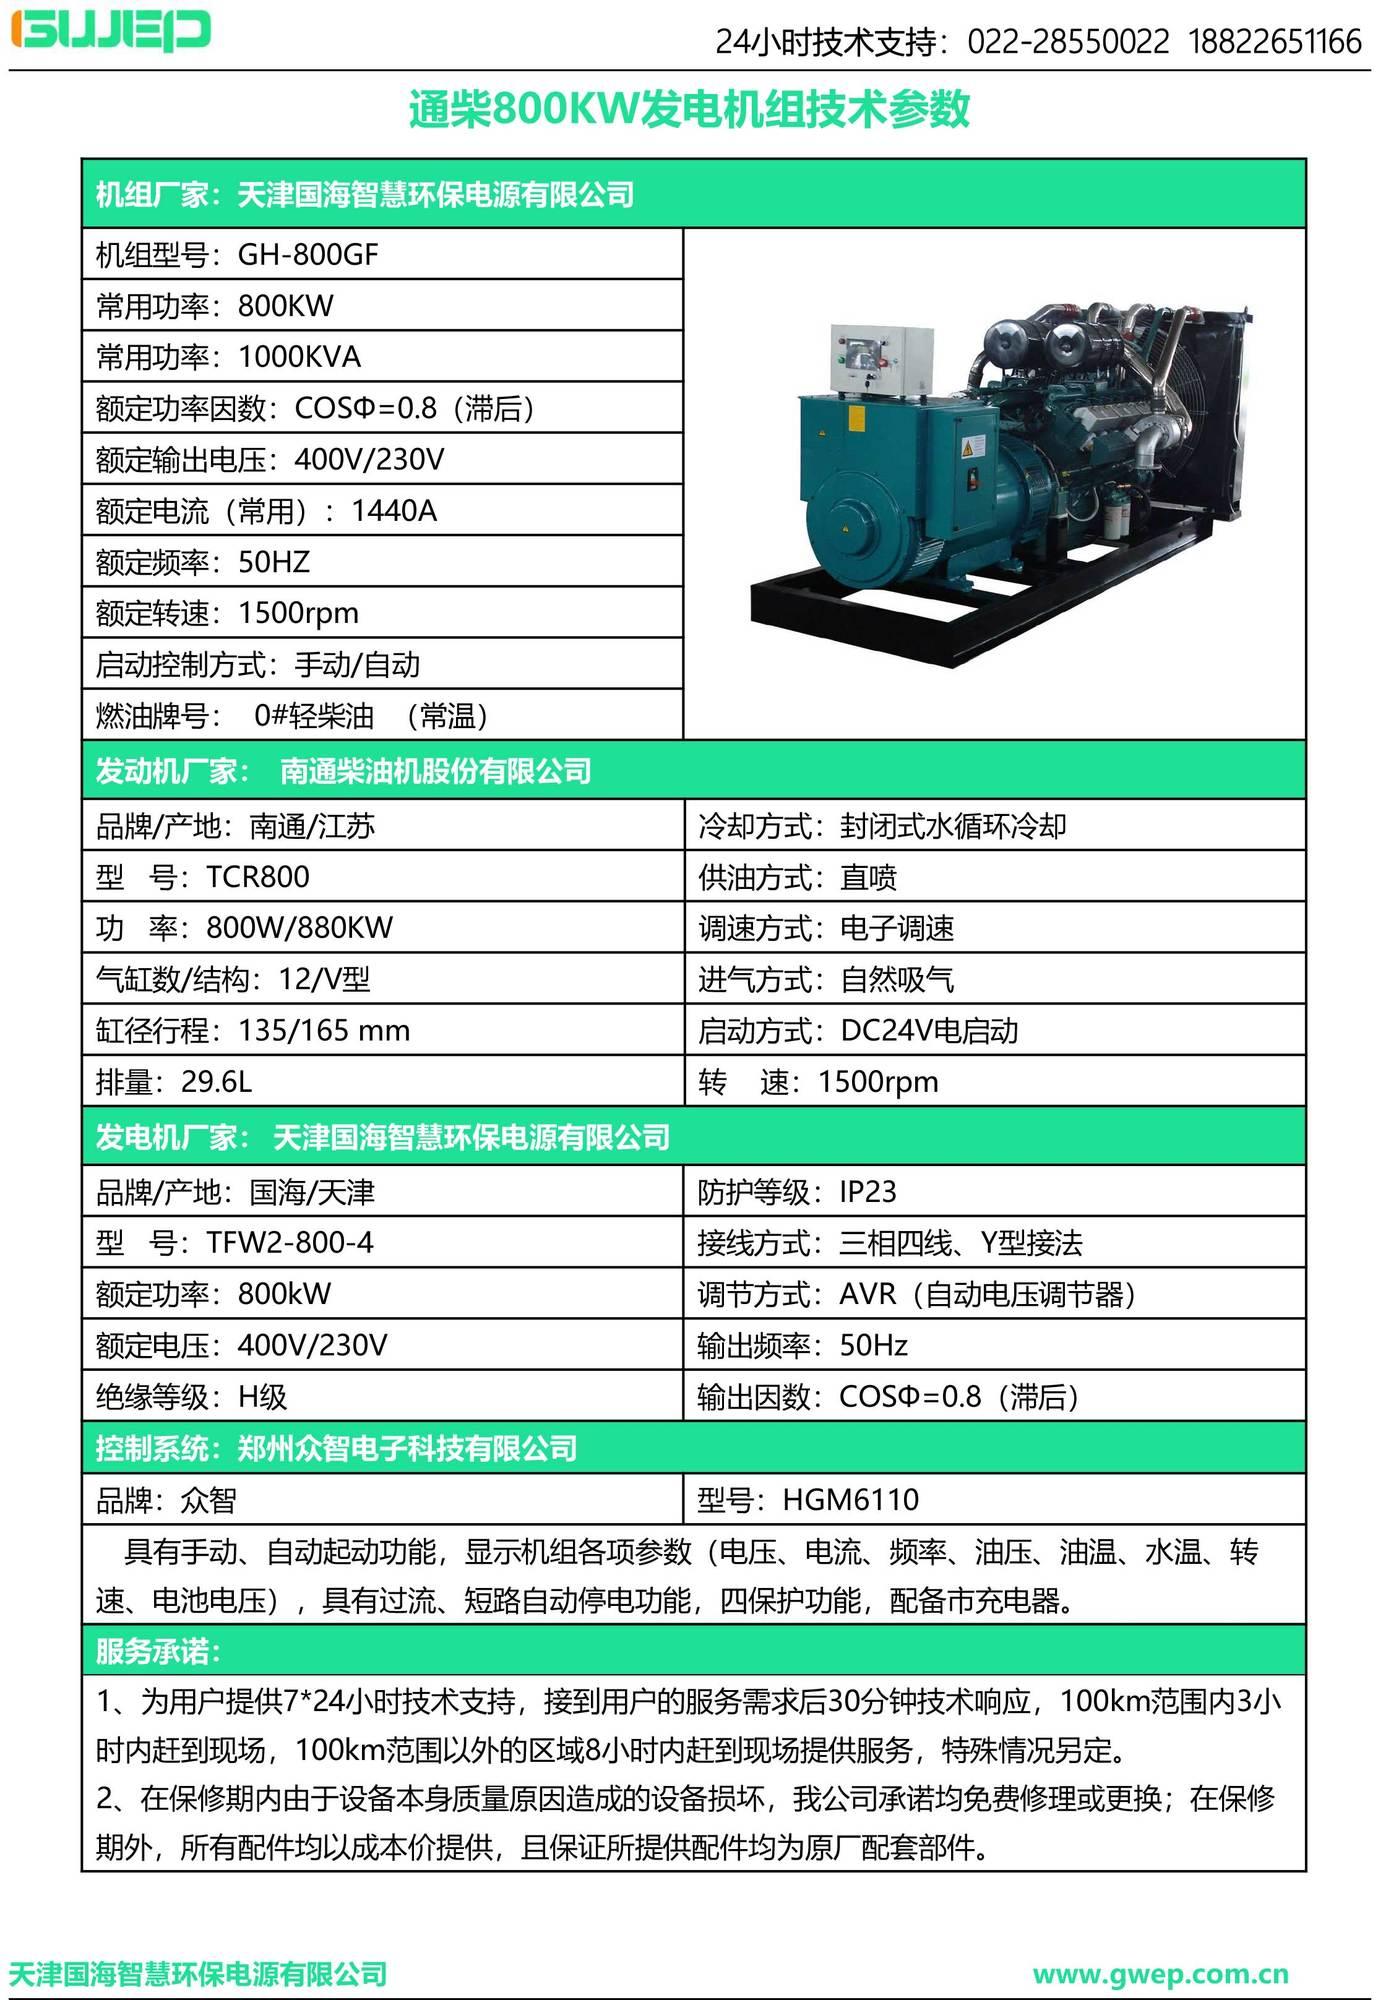 通柴800KW发电机组技术资料-2.jpg